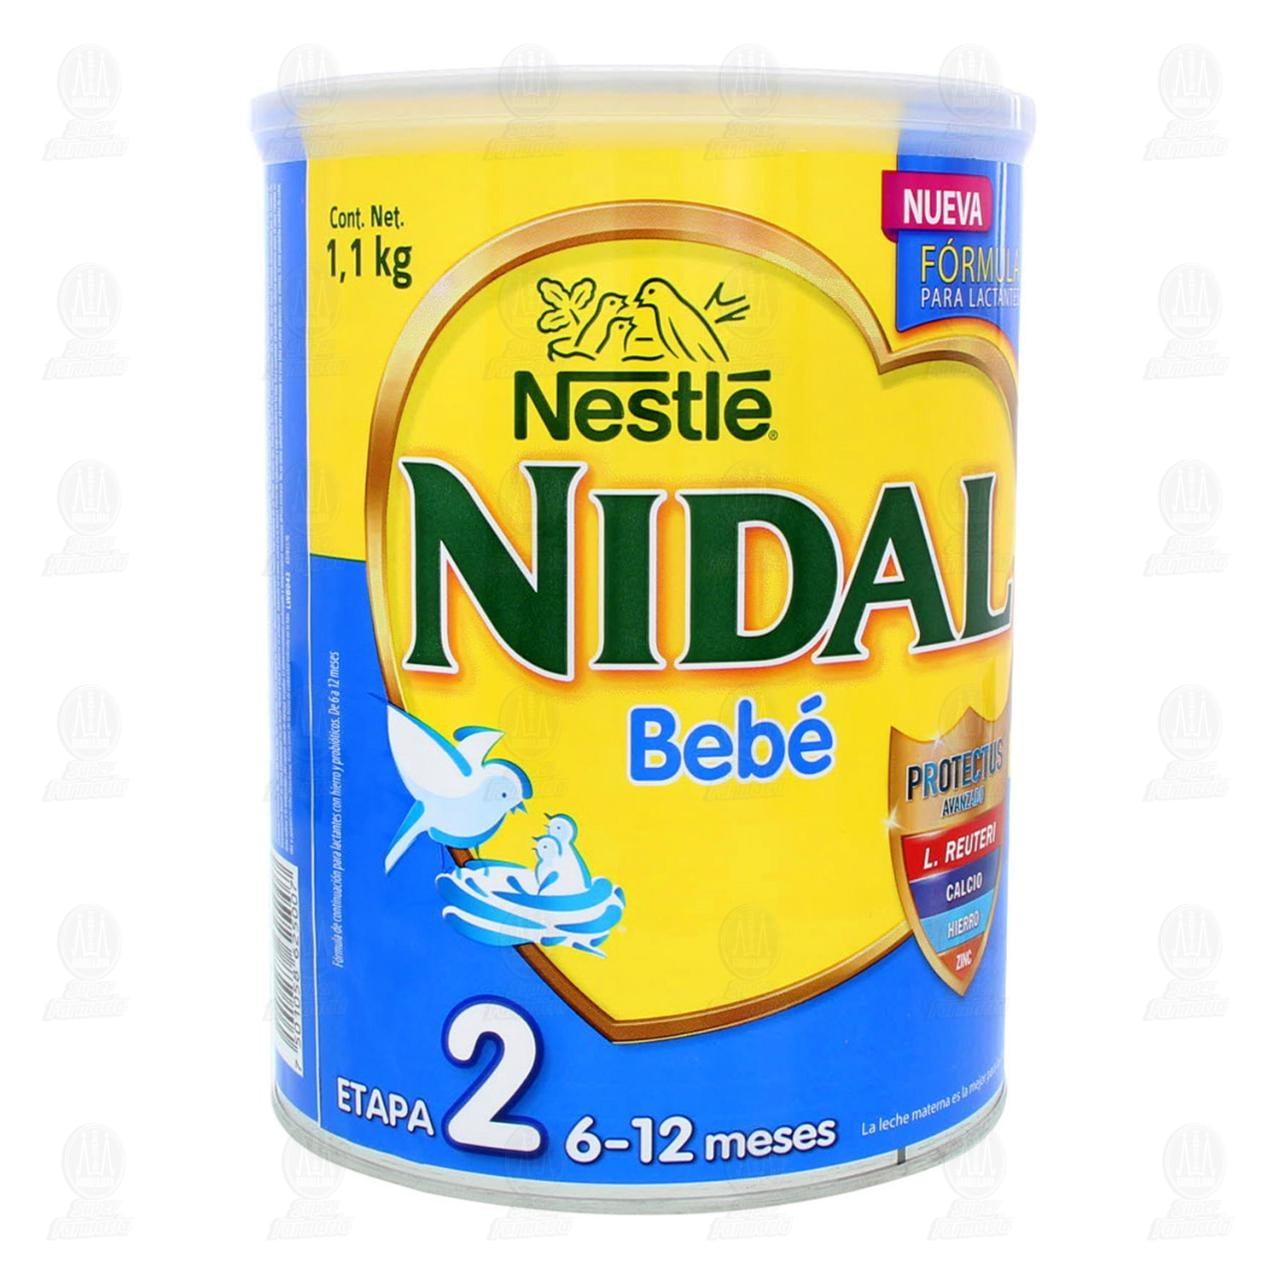 Fórmula Infantil Nestlé Nidal Bebé 2 en Polvo (Edad 6-12 Meses)1.1 kg.